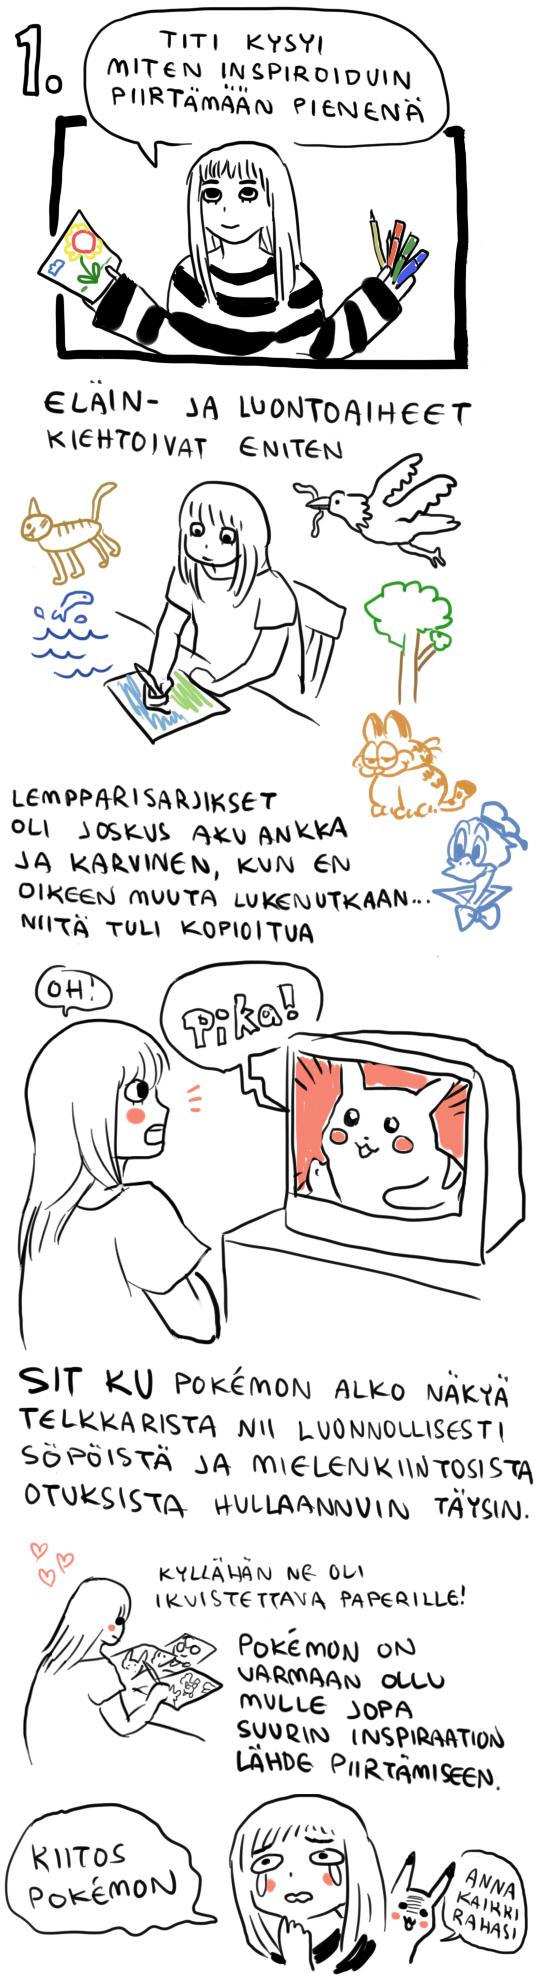 50asiaa1